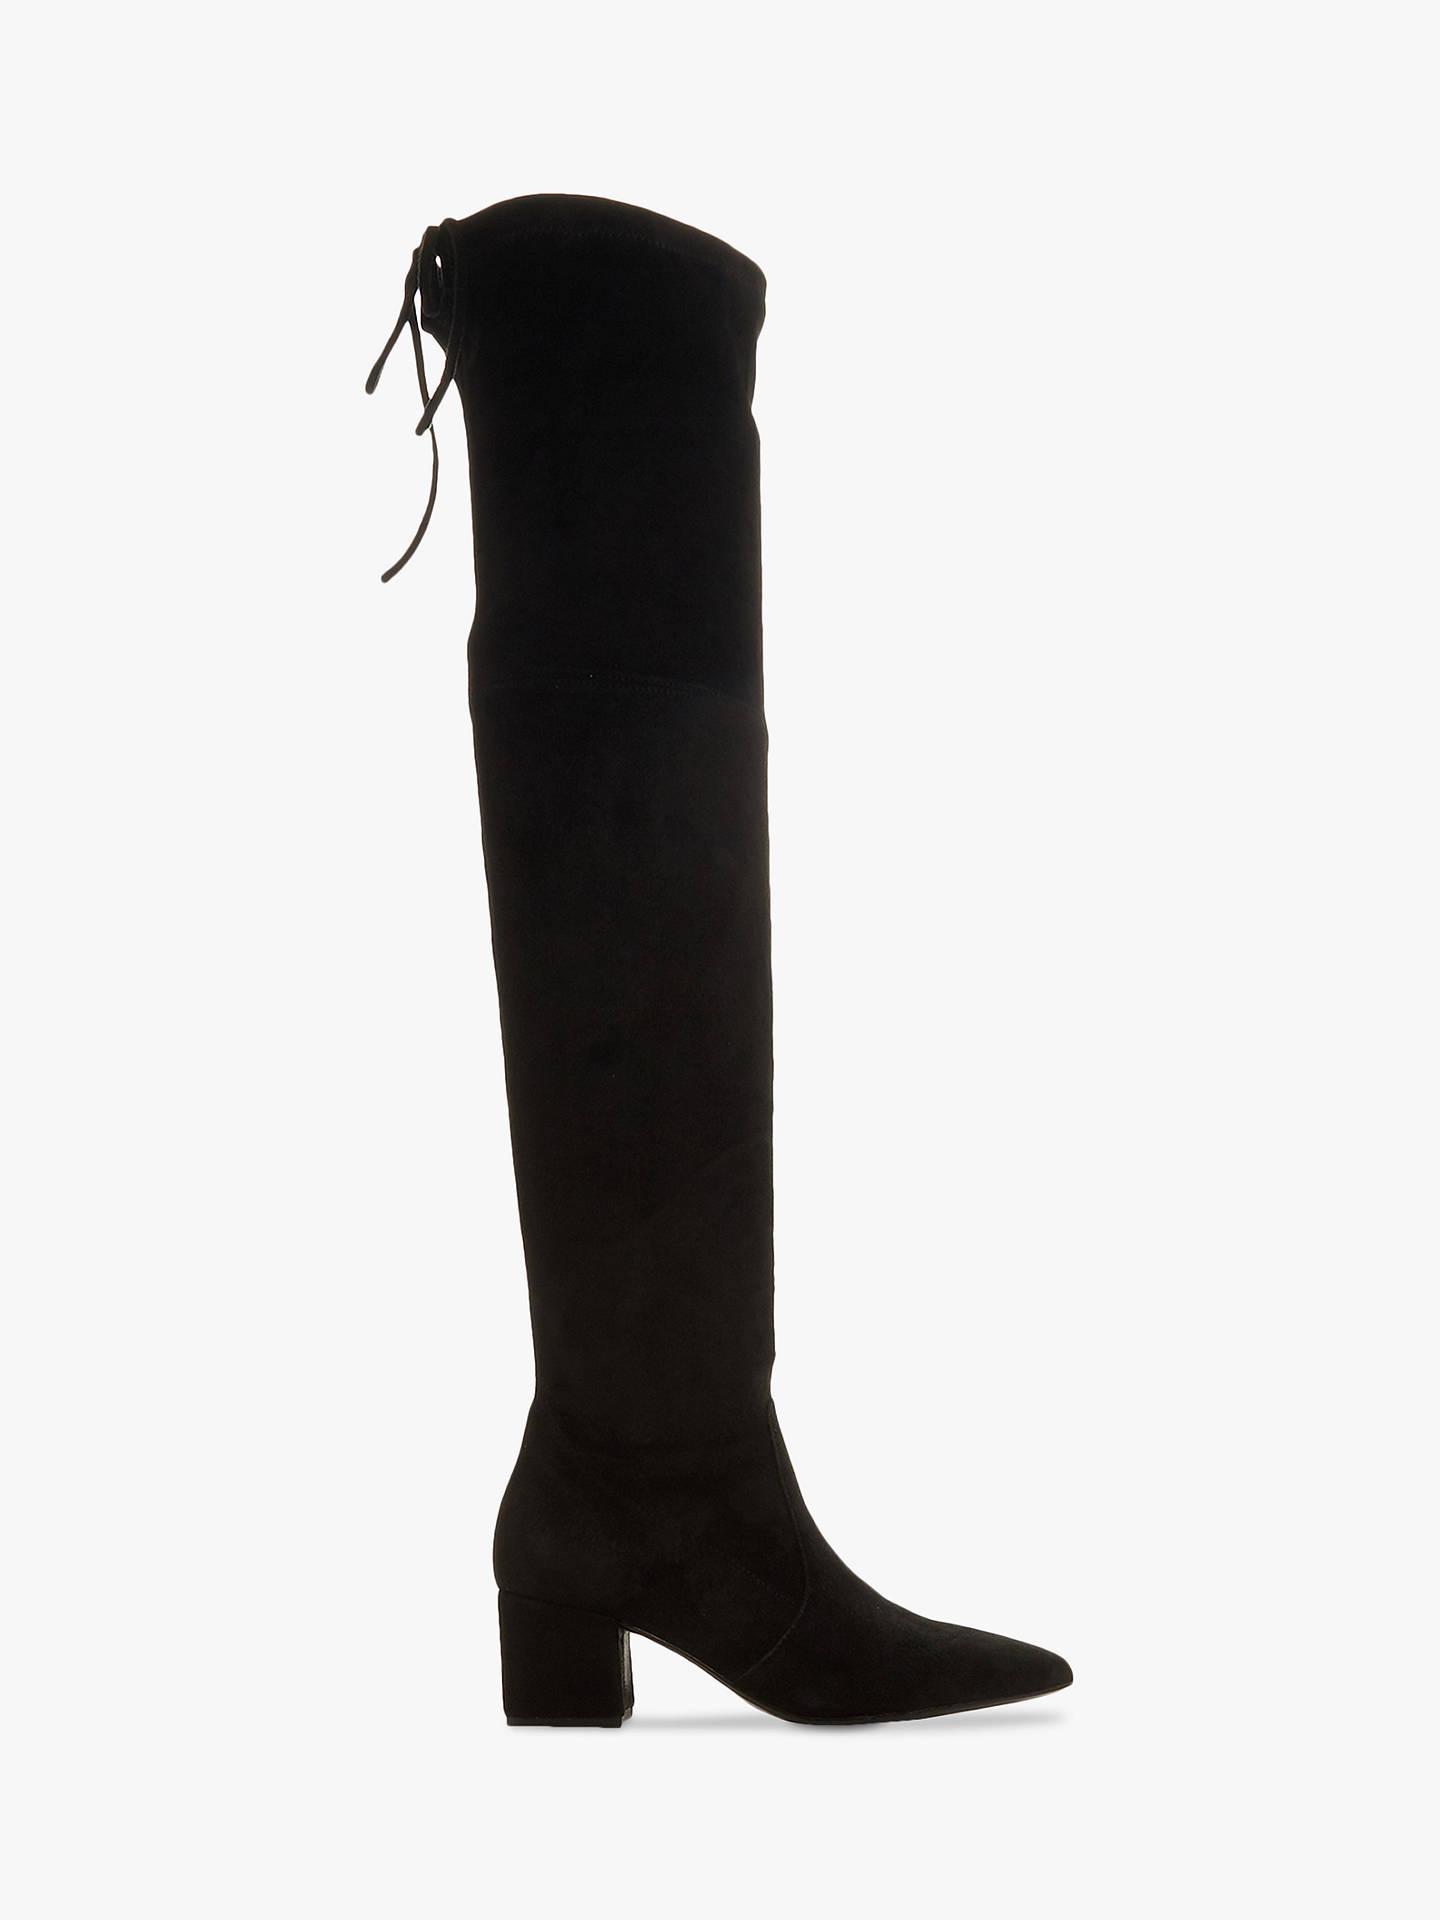 093997250fe Buy Dune Shadie Suede Block Heel Over The Knee Boots